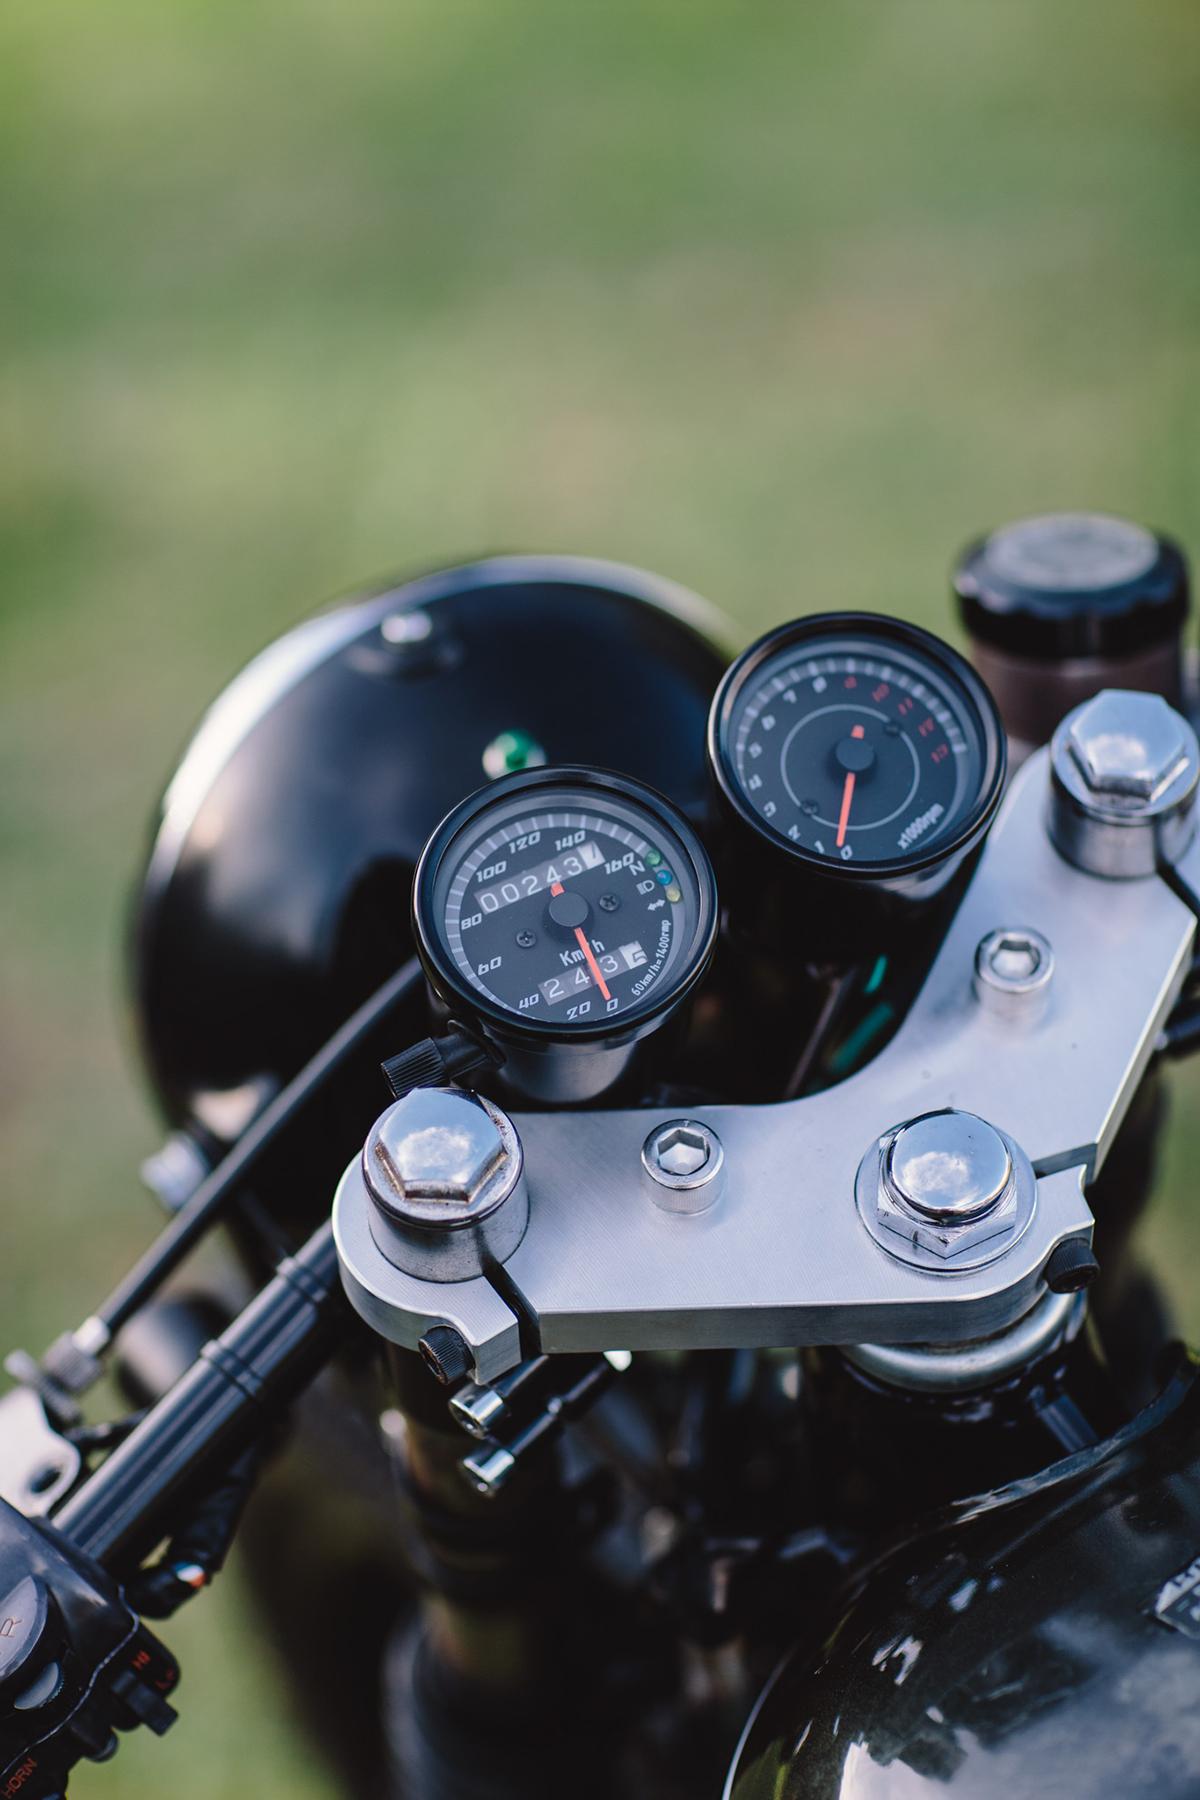 Adrian-Honda-CB750-Cafe-racer_8709